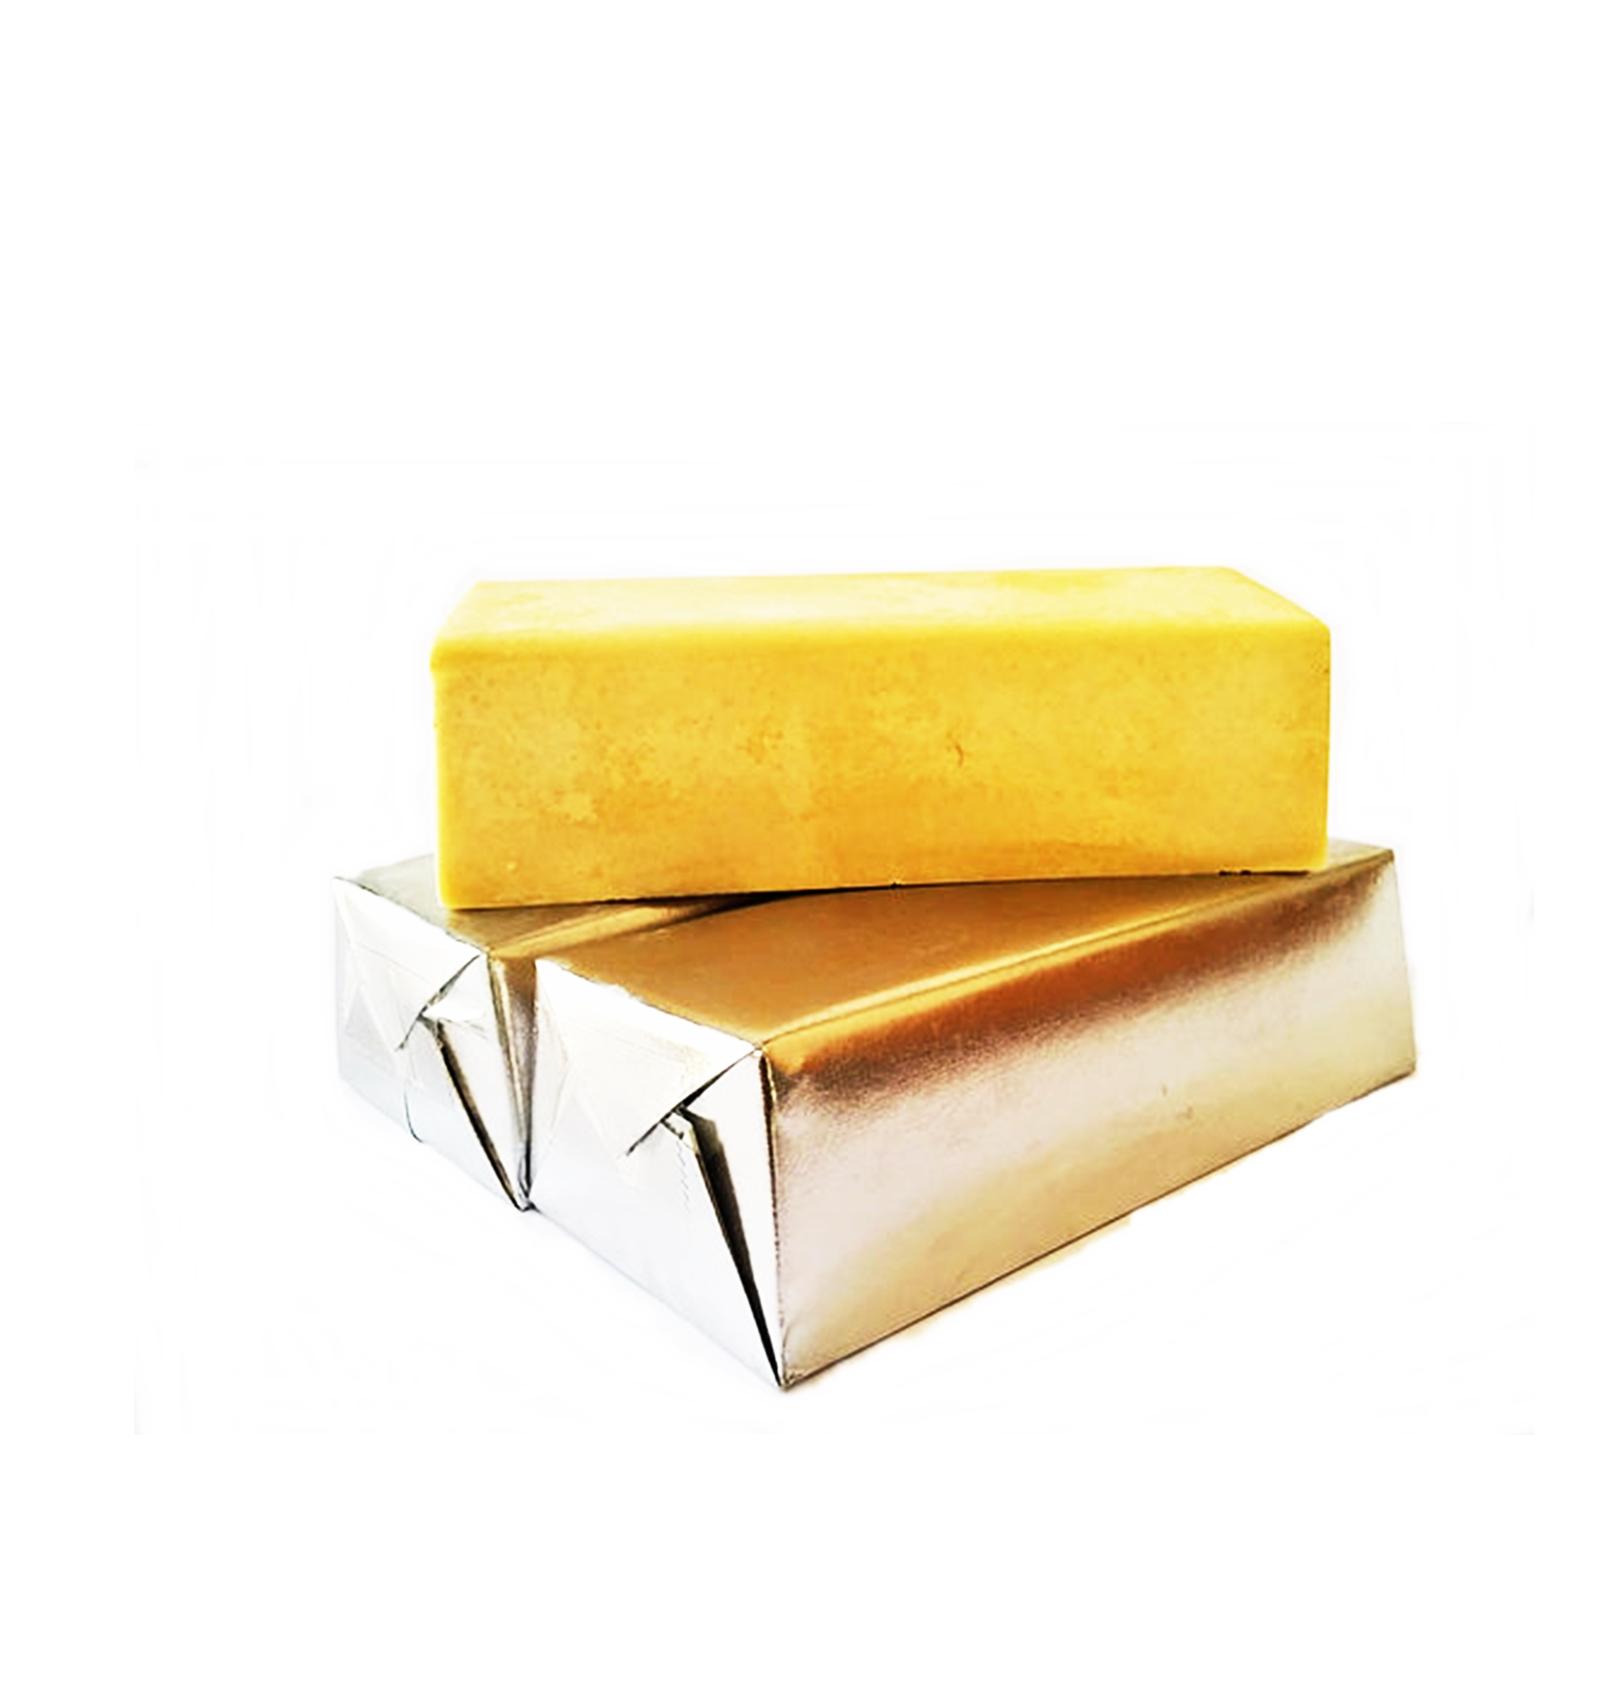 קקאו חמאה, נא אורגני סחר הוגן - 250 גרם